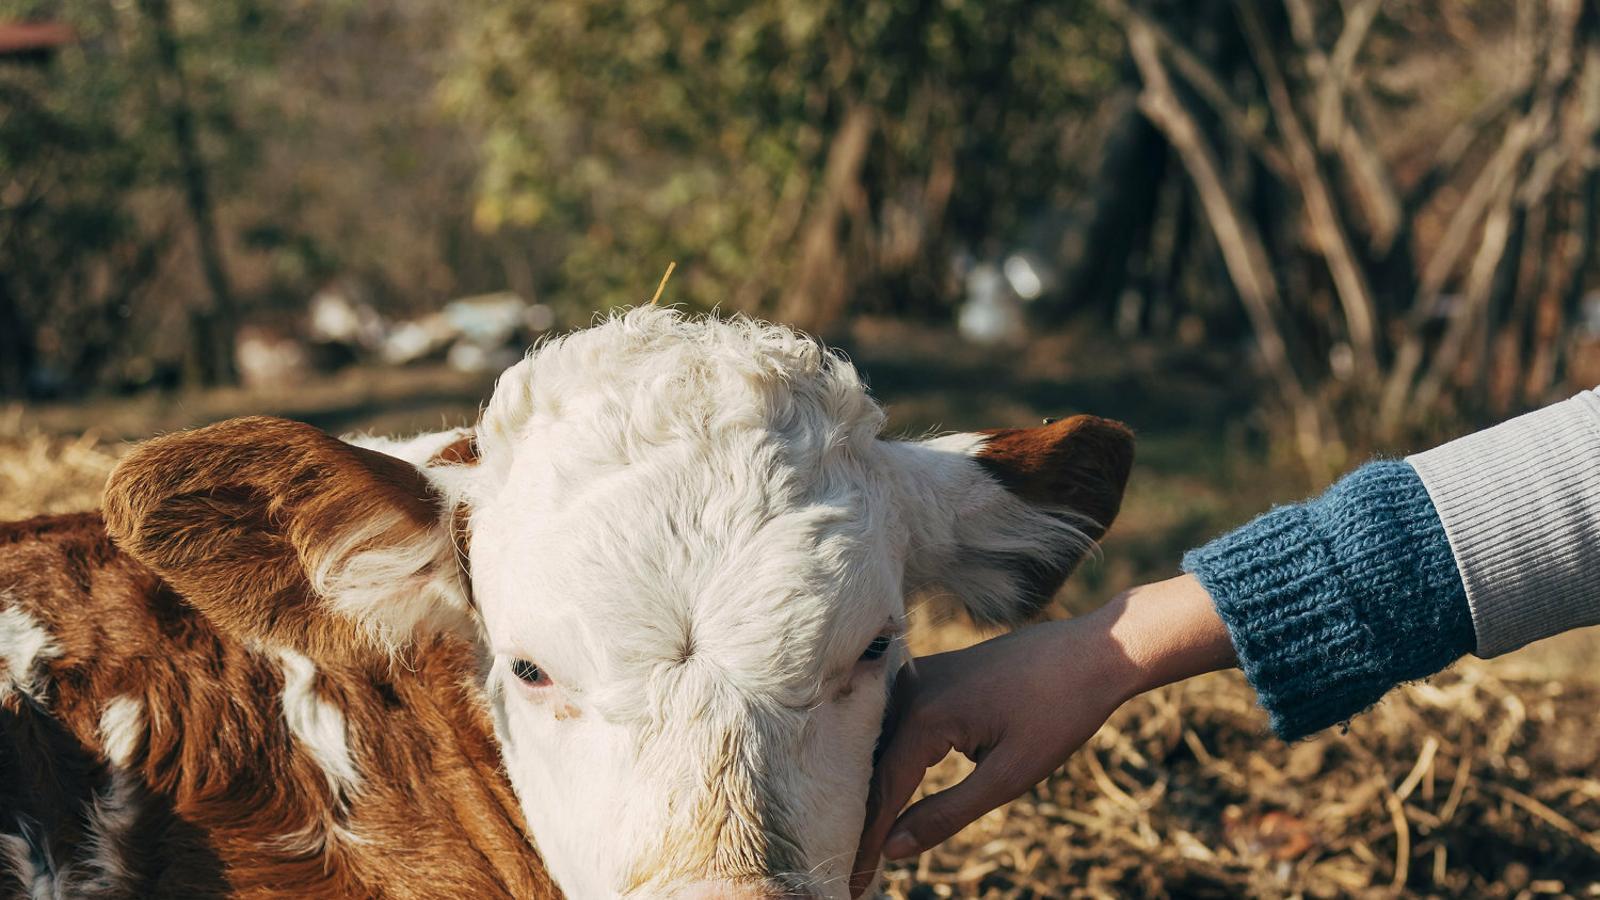 Es creu que les vaques poden detectar les emocions humanes i actuar en conseqüència.